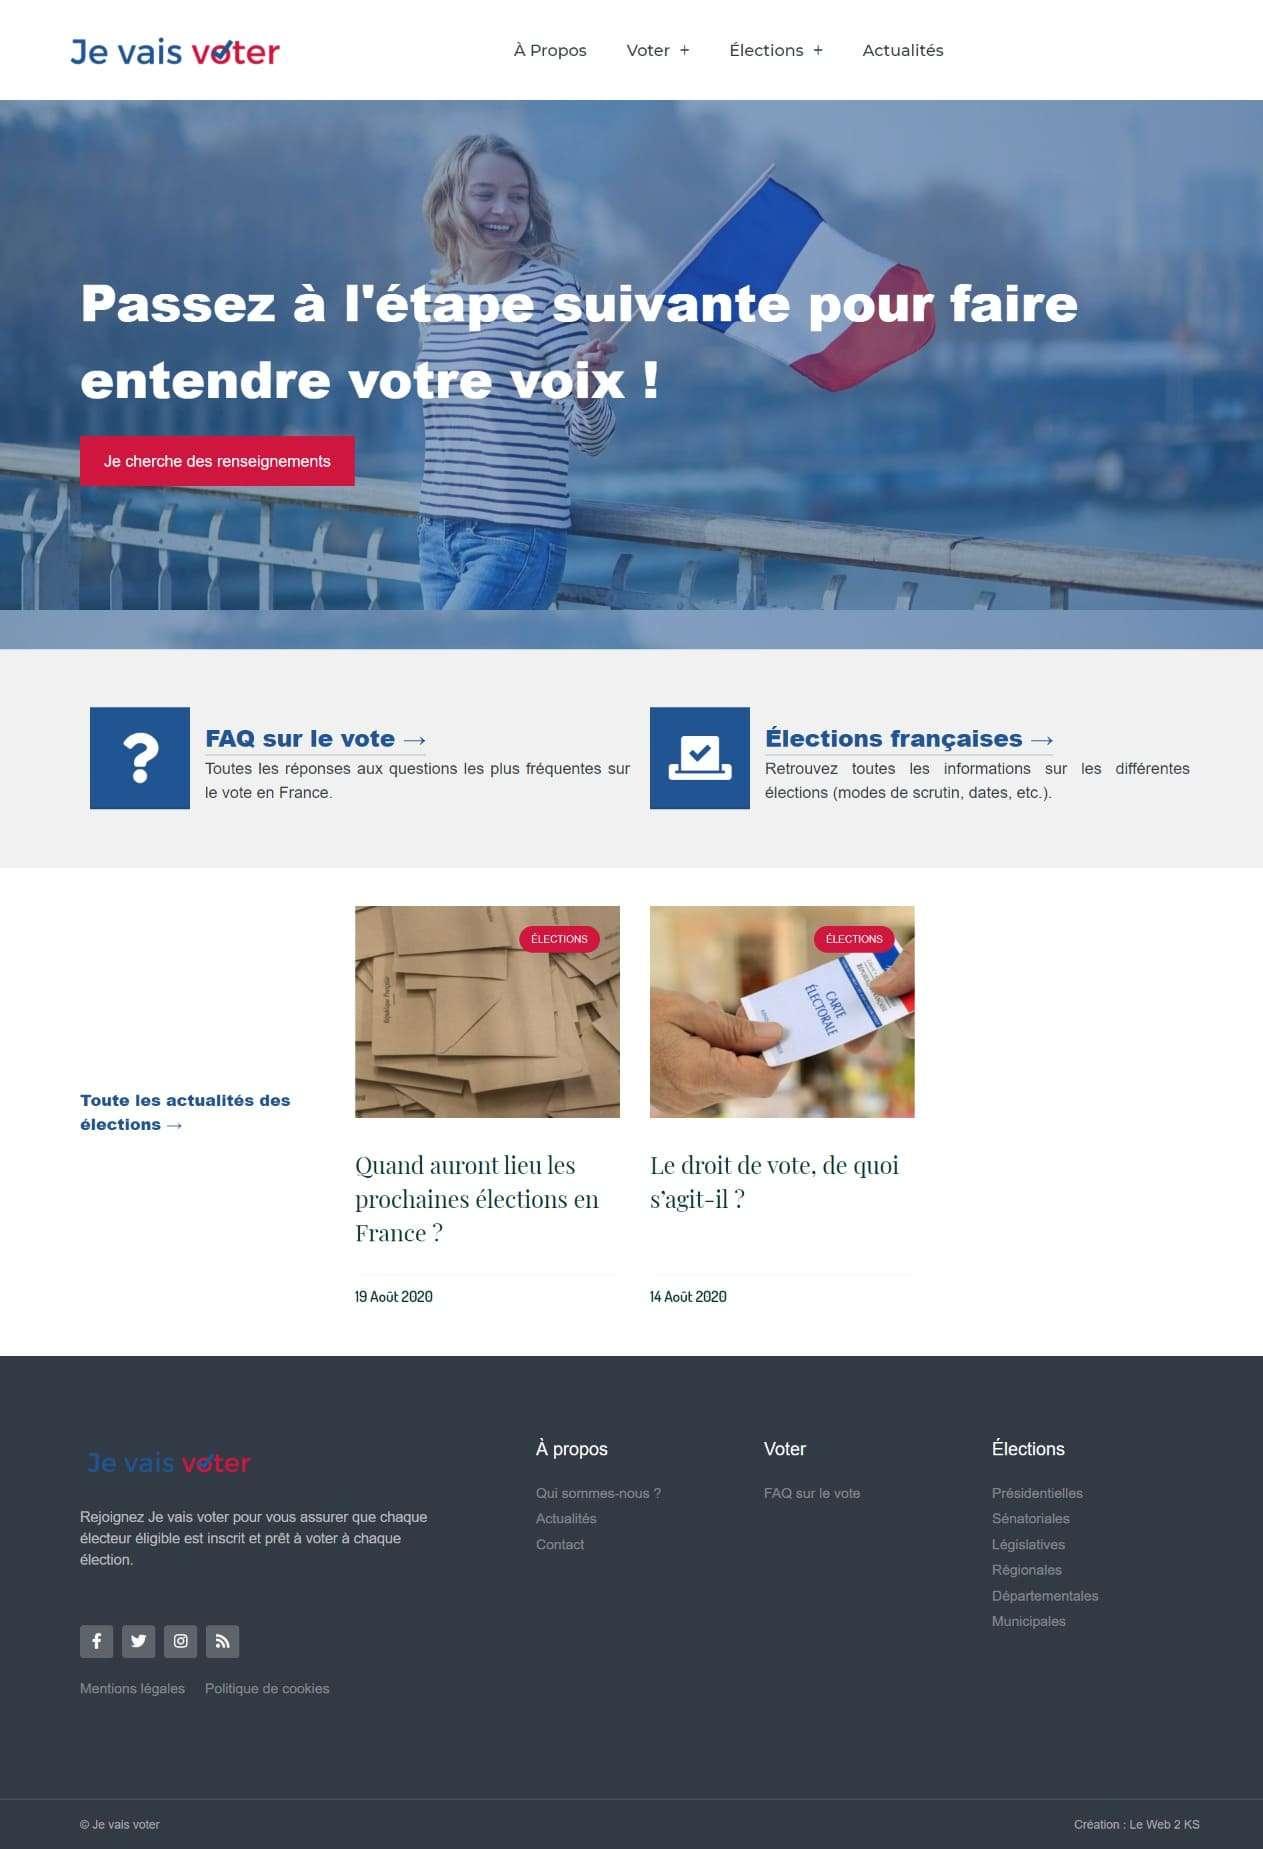 Page d'accueil du site internet Je vais voter